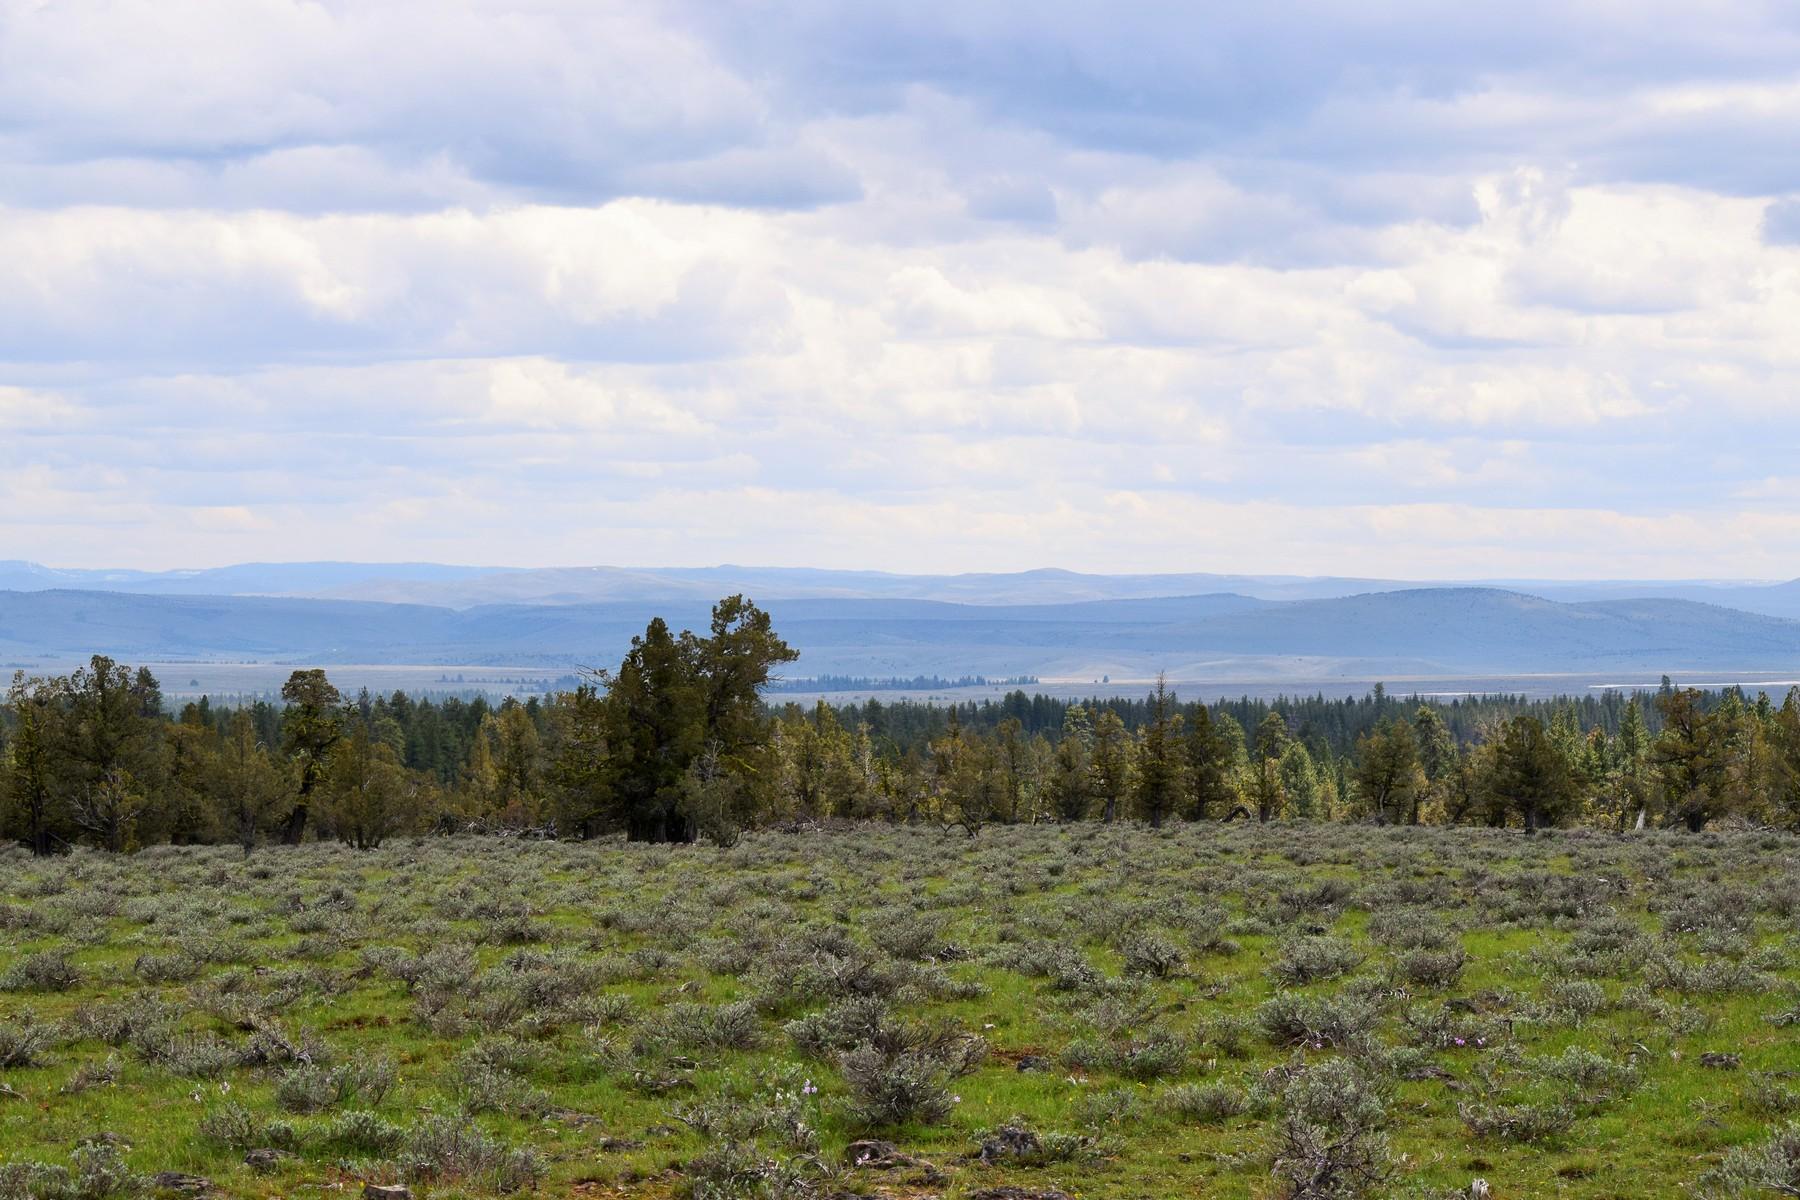 Đất đai vì Bán tại 0 Wolf Creek TL 200, Paulina, Oregon 97751 Hoa Kỳ